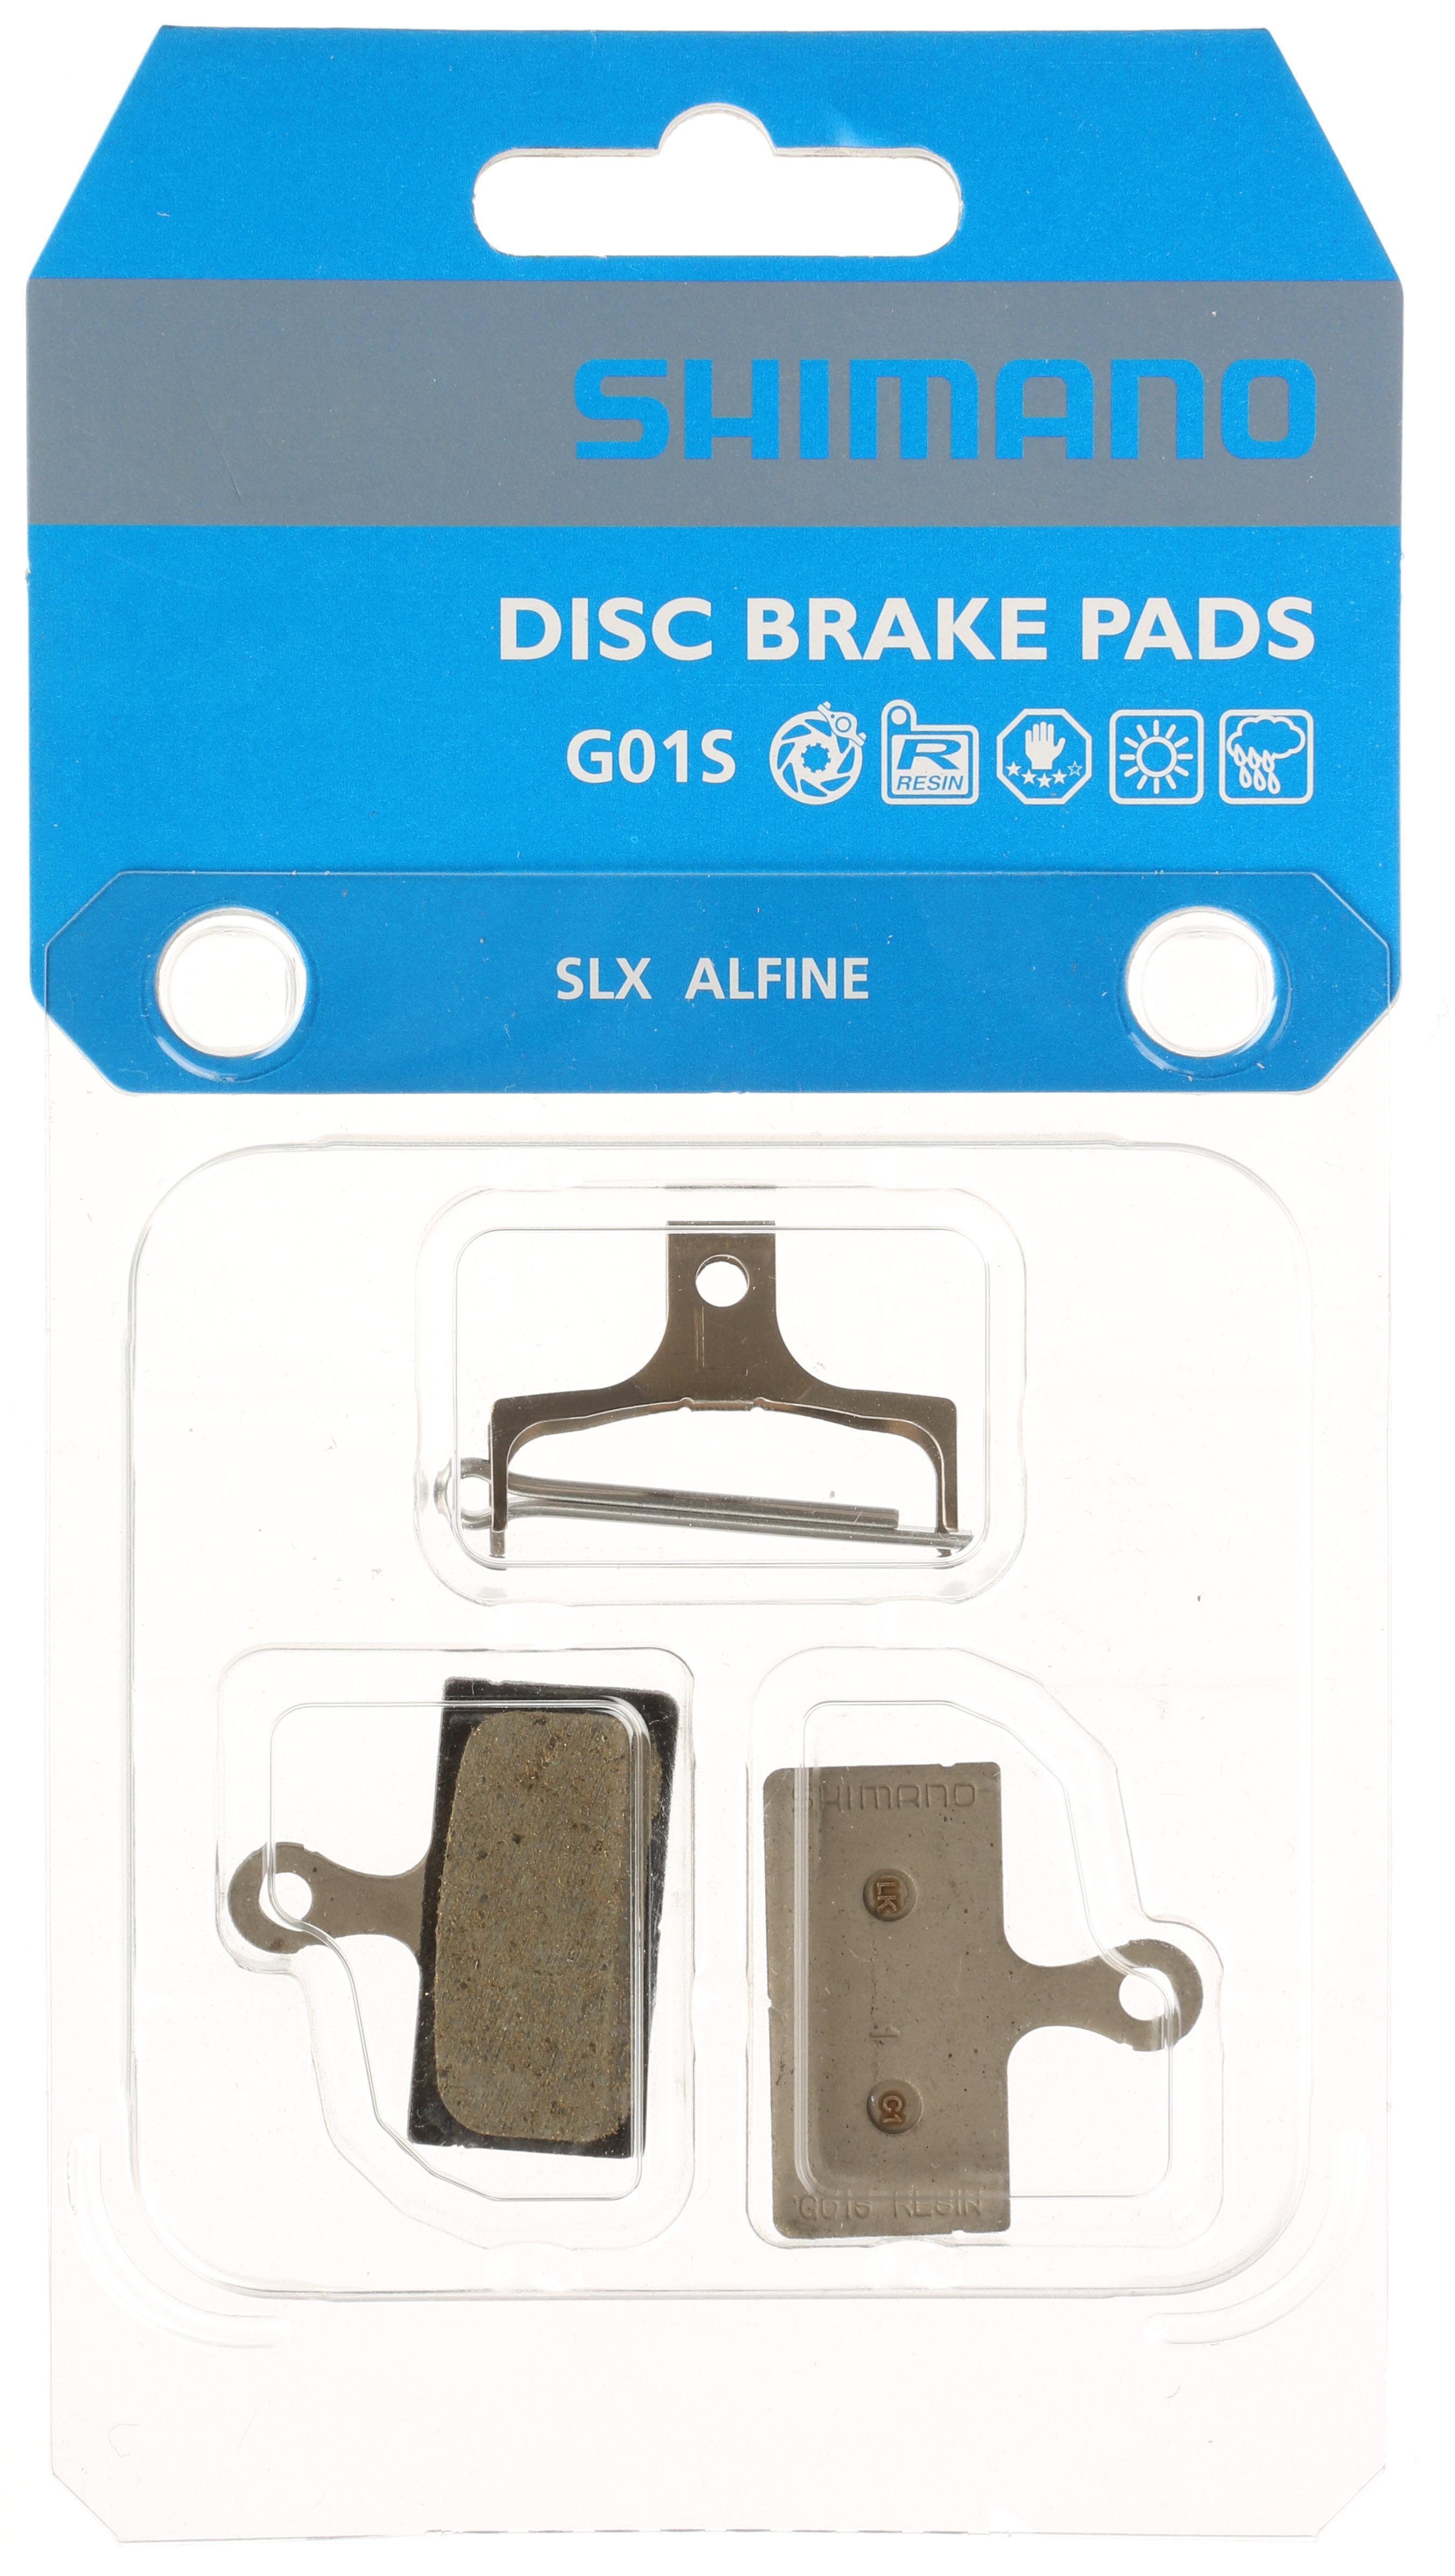 Shimano G01s Br M666 Disc Brake Pads Resin Organic Spring